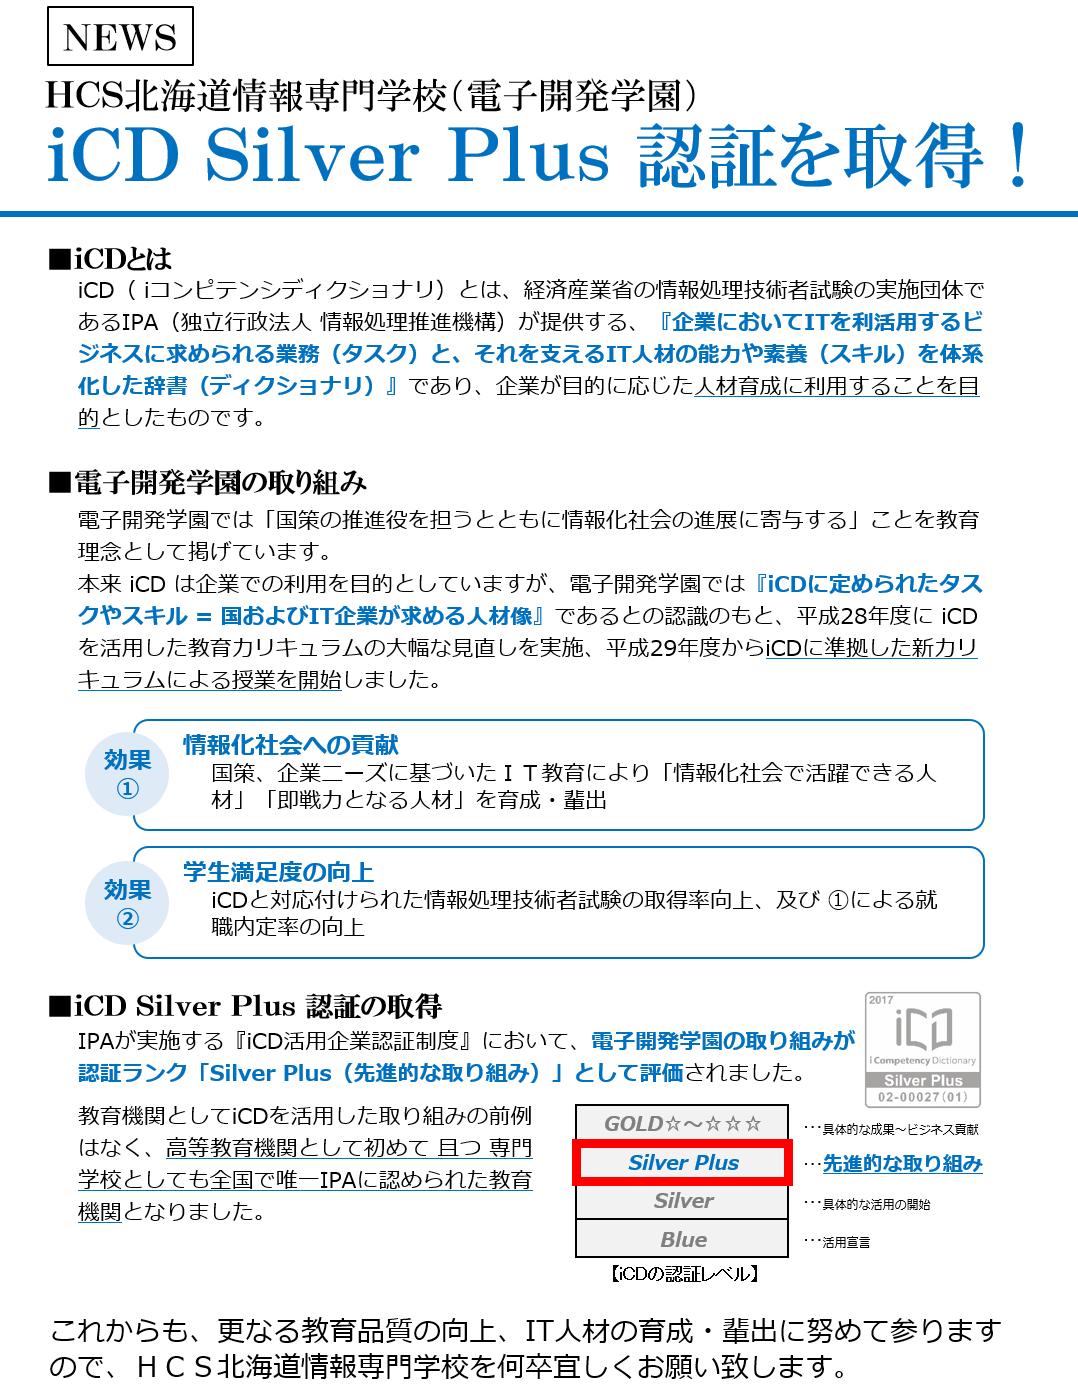 全国初!「iCD Silver Plus 認証」を取得‼